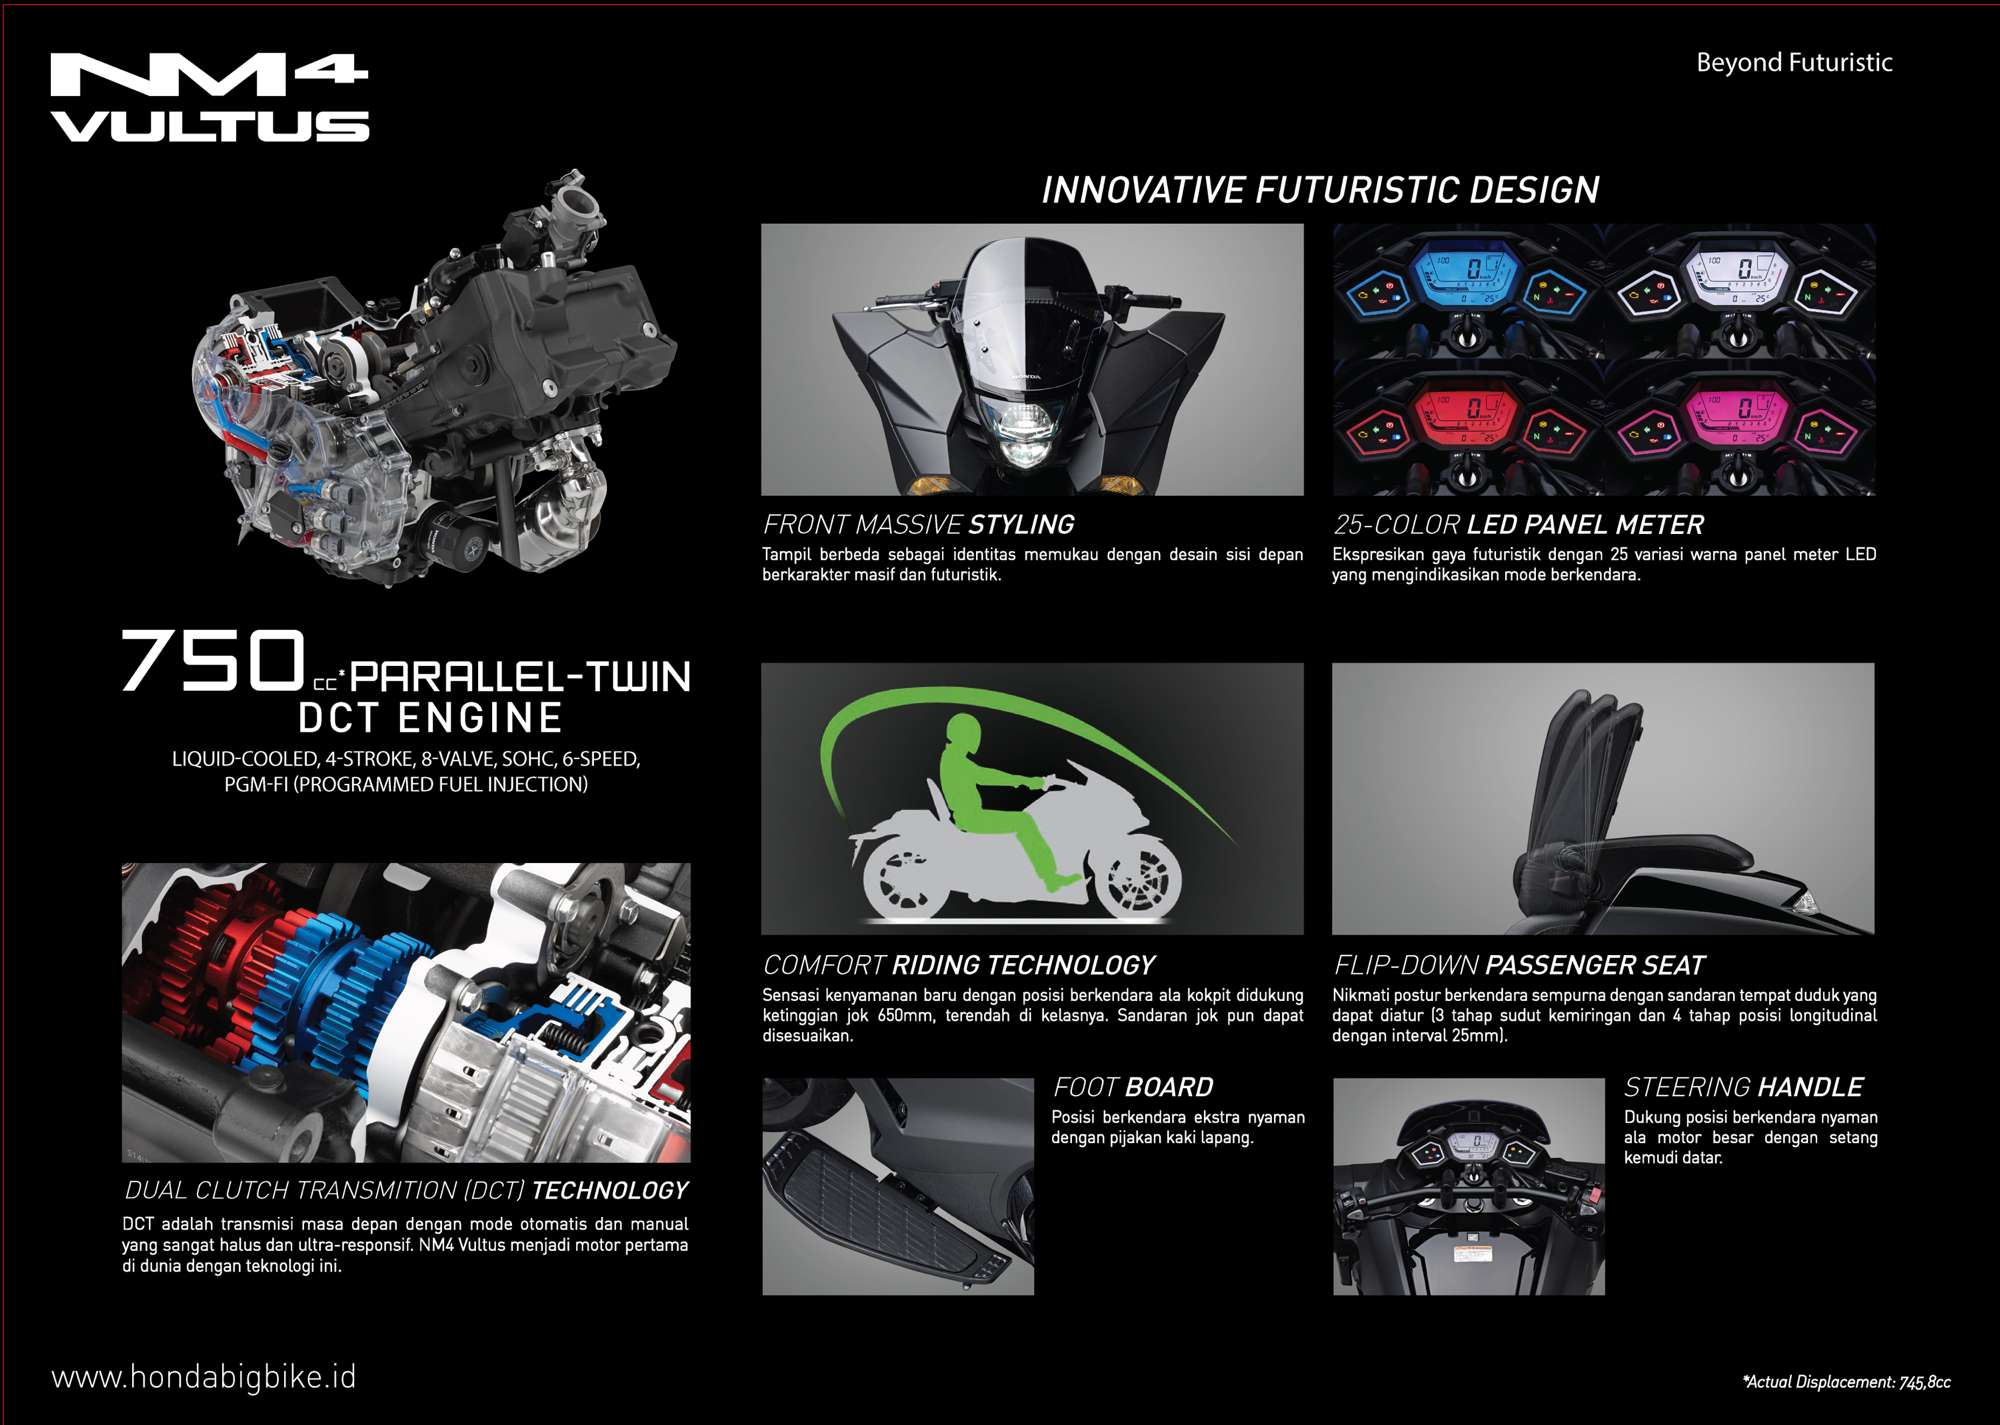 Brosur Motor Honda NM4 Vultus - 2